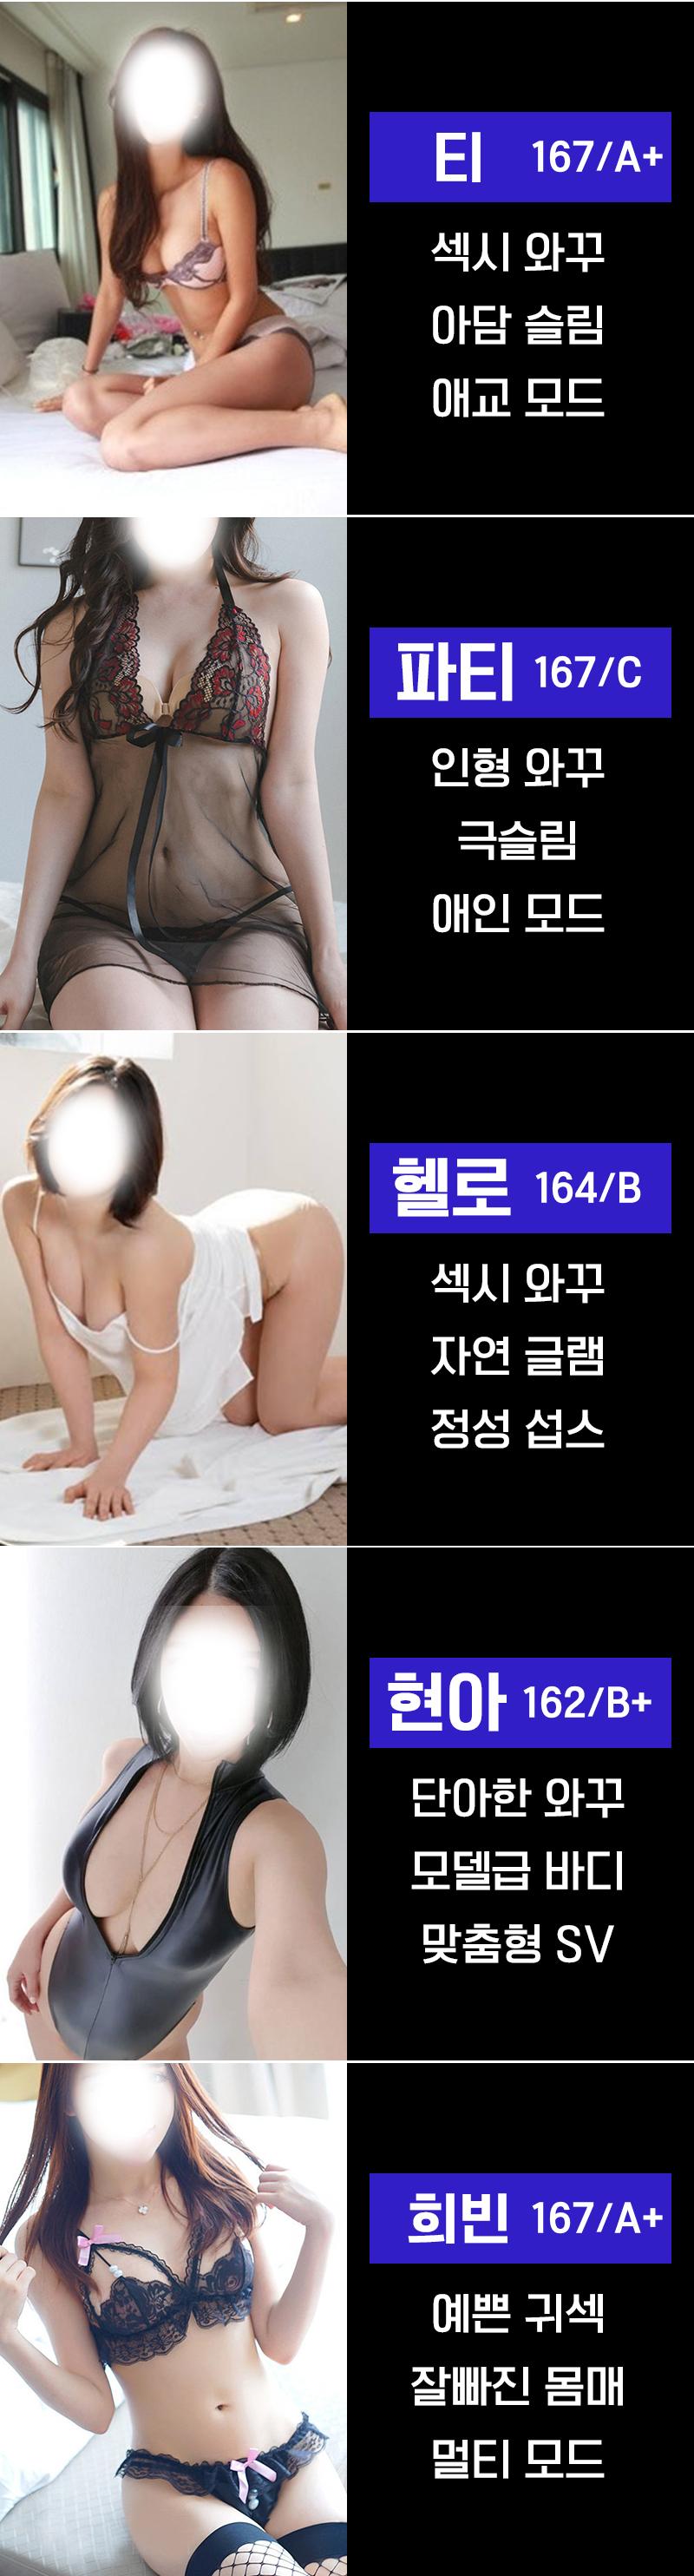 KakaoTalk_20210201_215201330_02.jpg